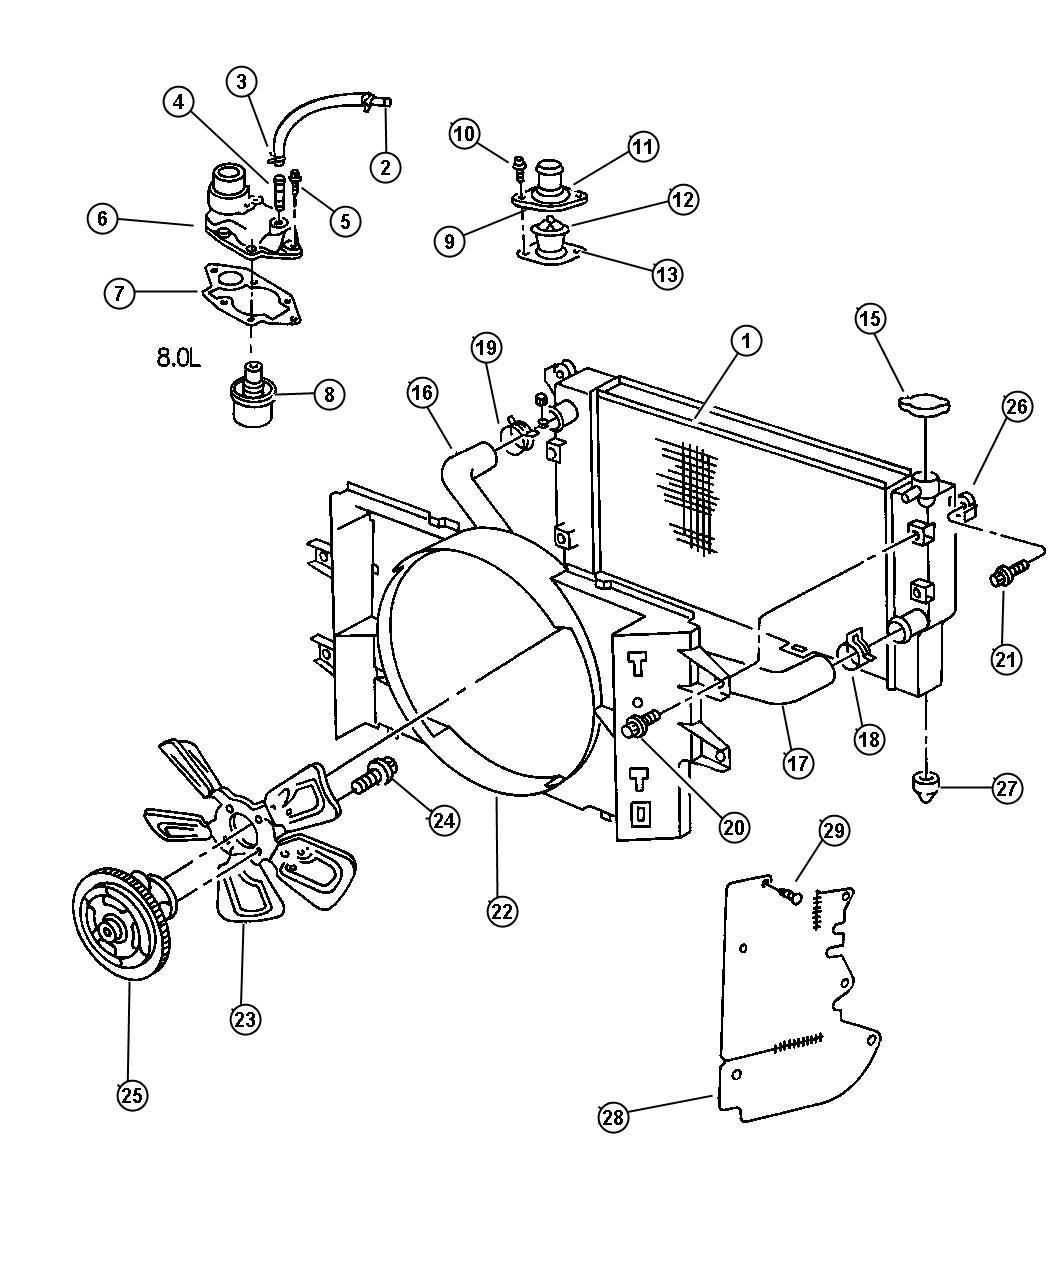 1997 Dodge Ram 2500 Wiring Diagram Get Free Image About Wiring